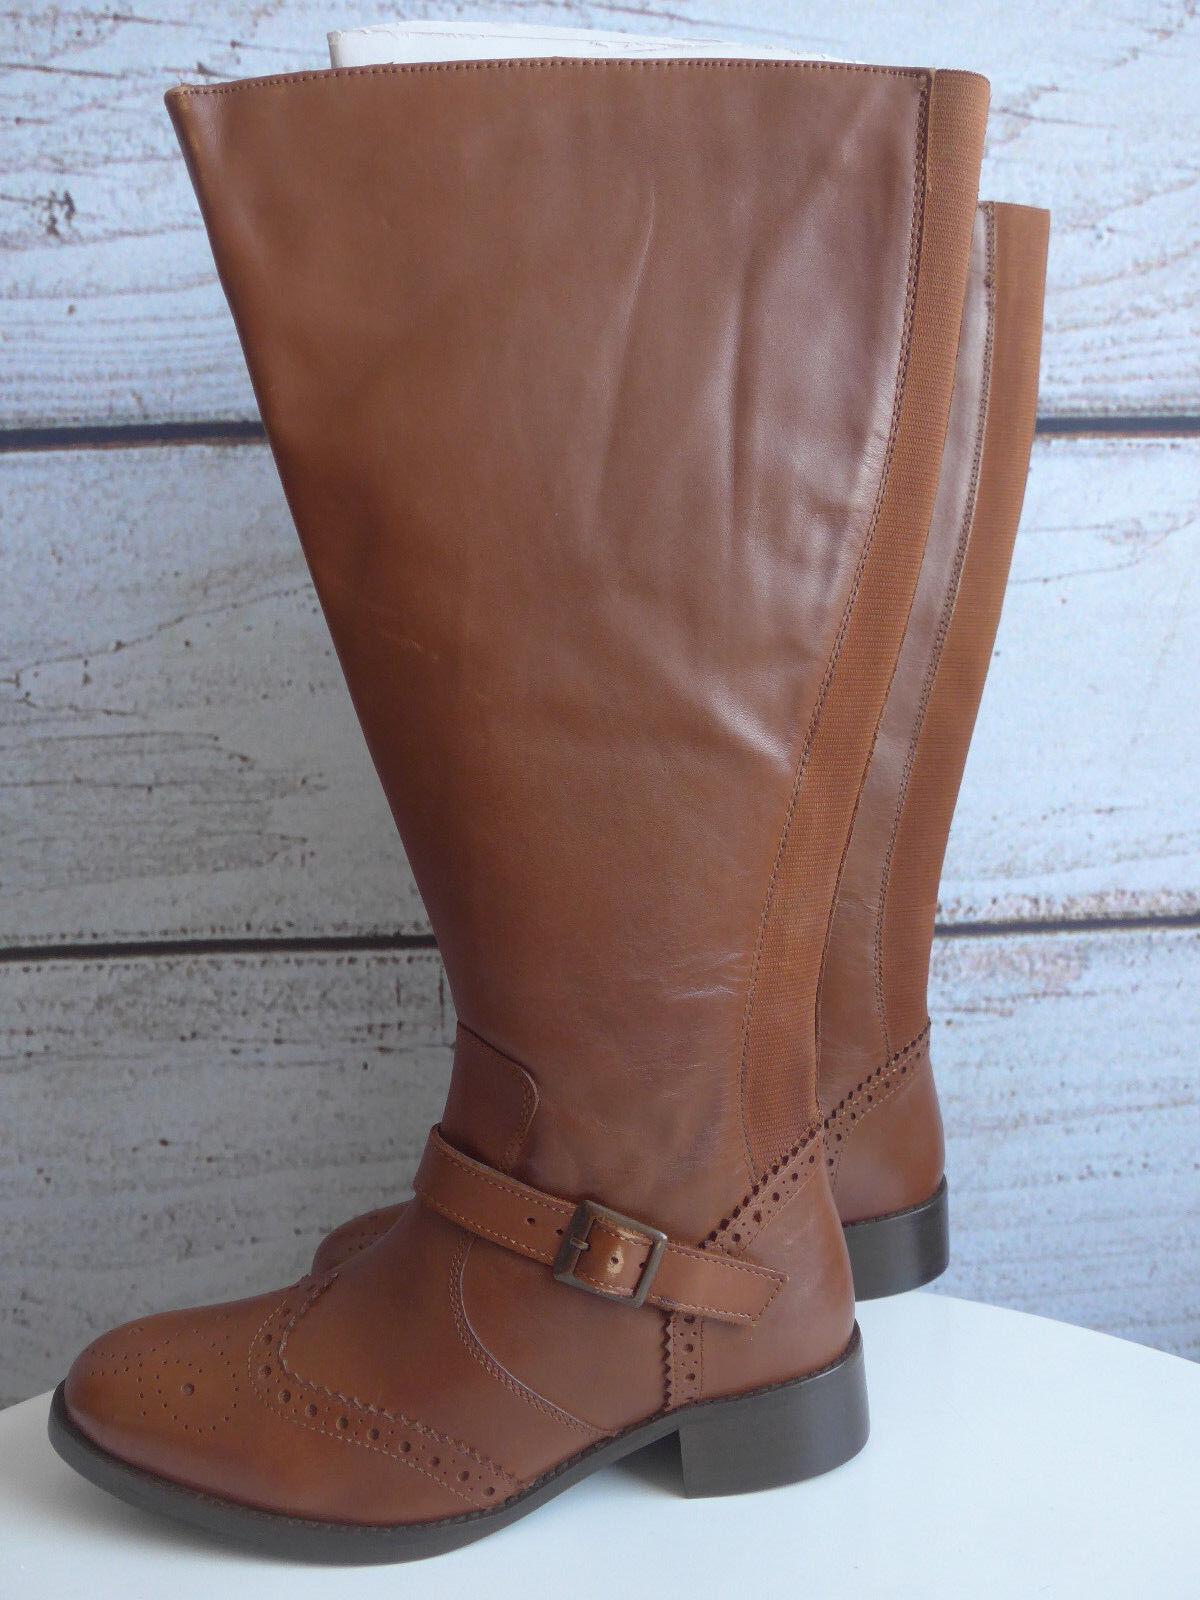 Sheego cuero XXL lejos de la hermandad botas botas marrón nuevo (976)